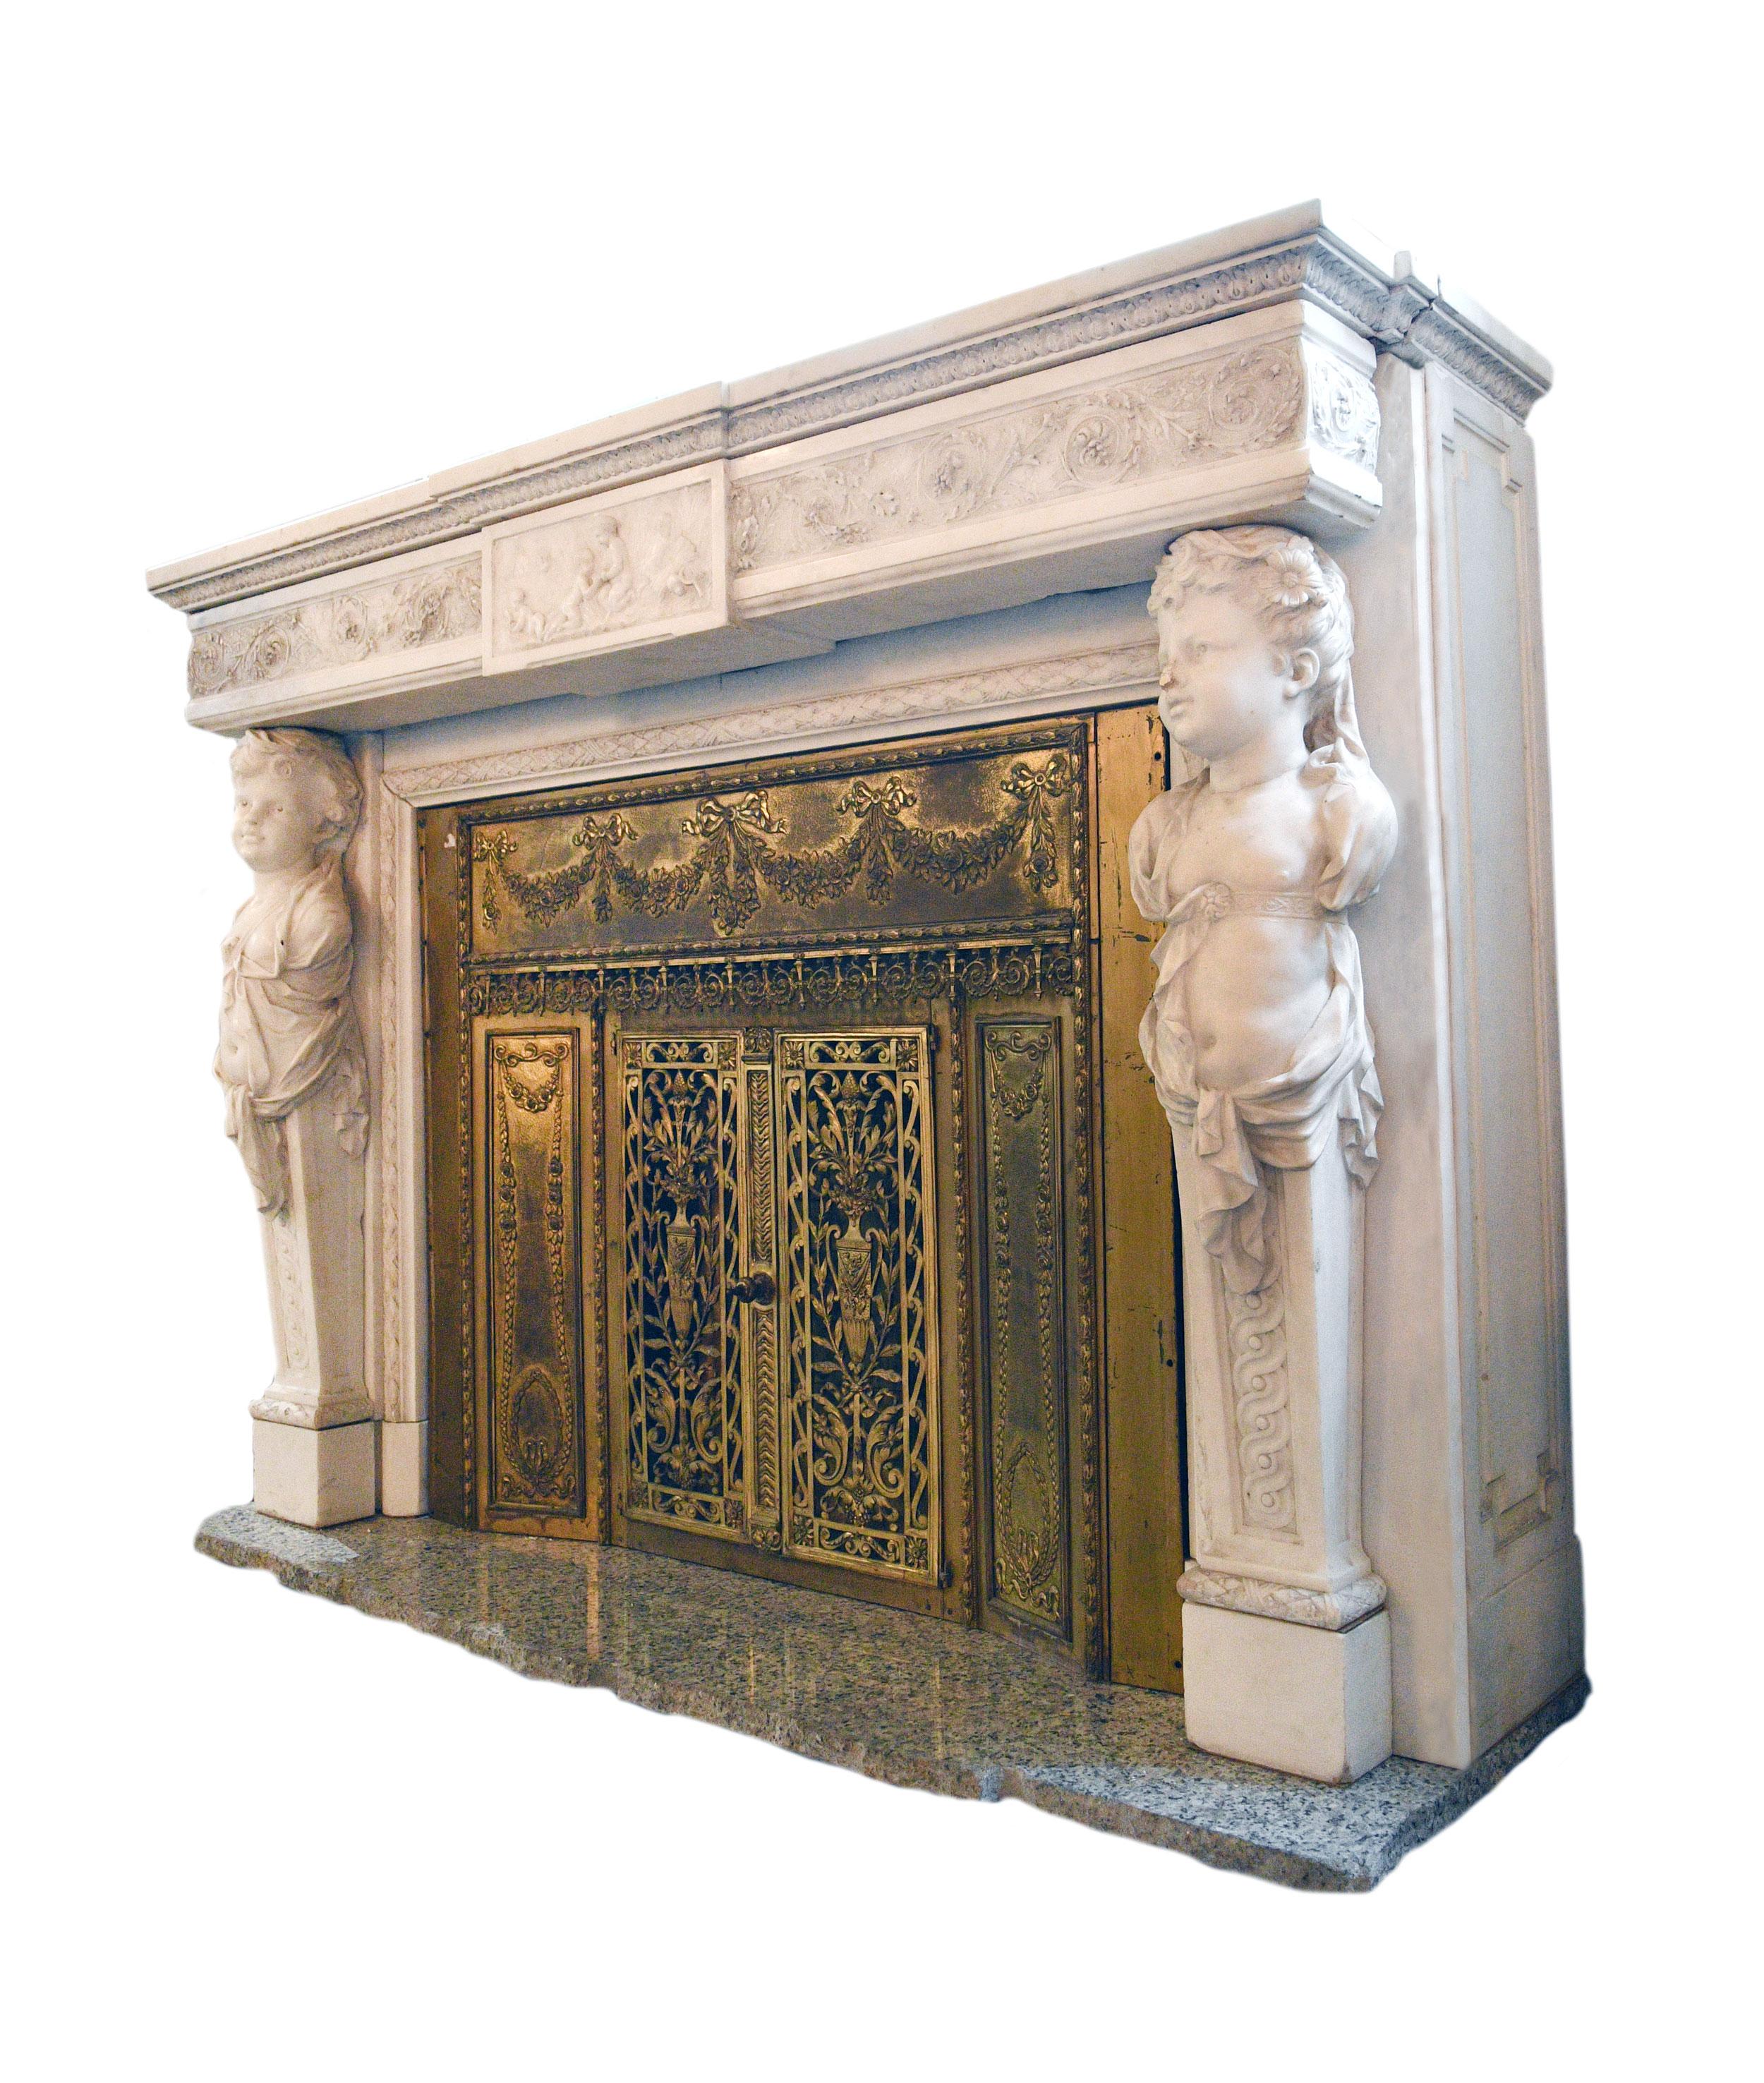 marble-mantel-12.jpg